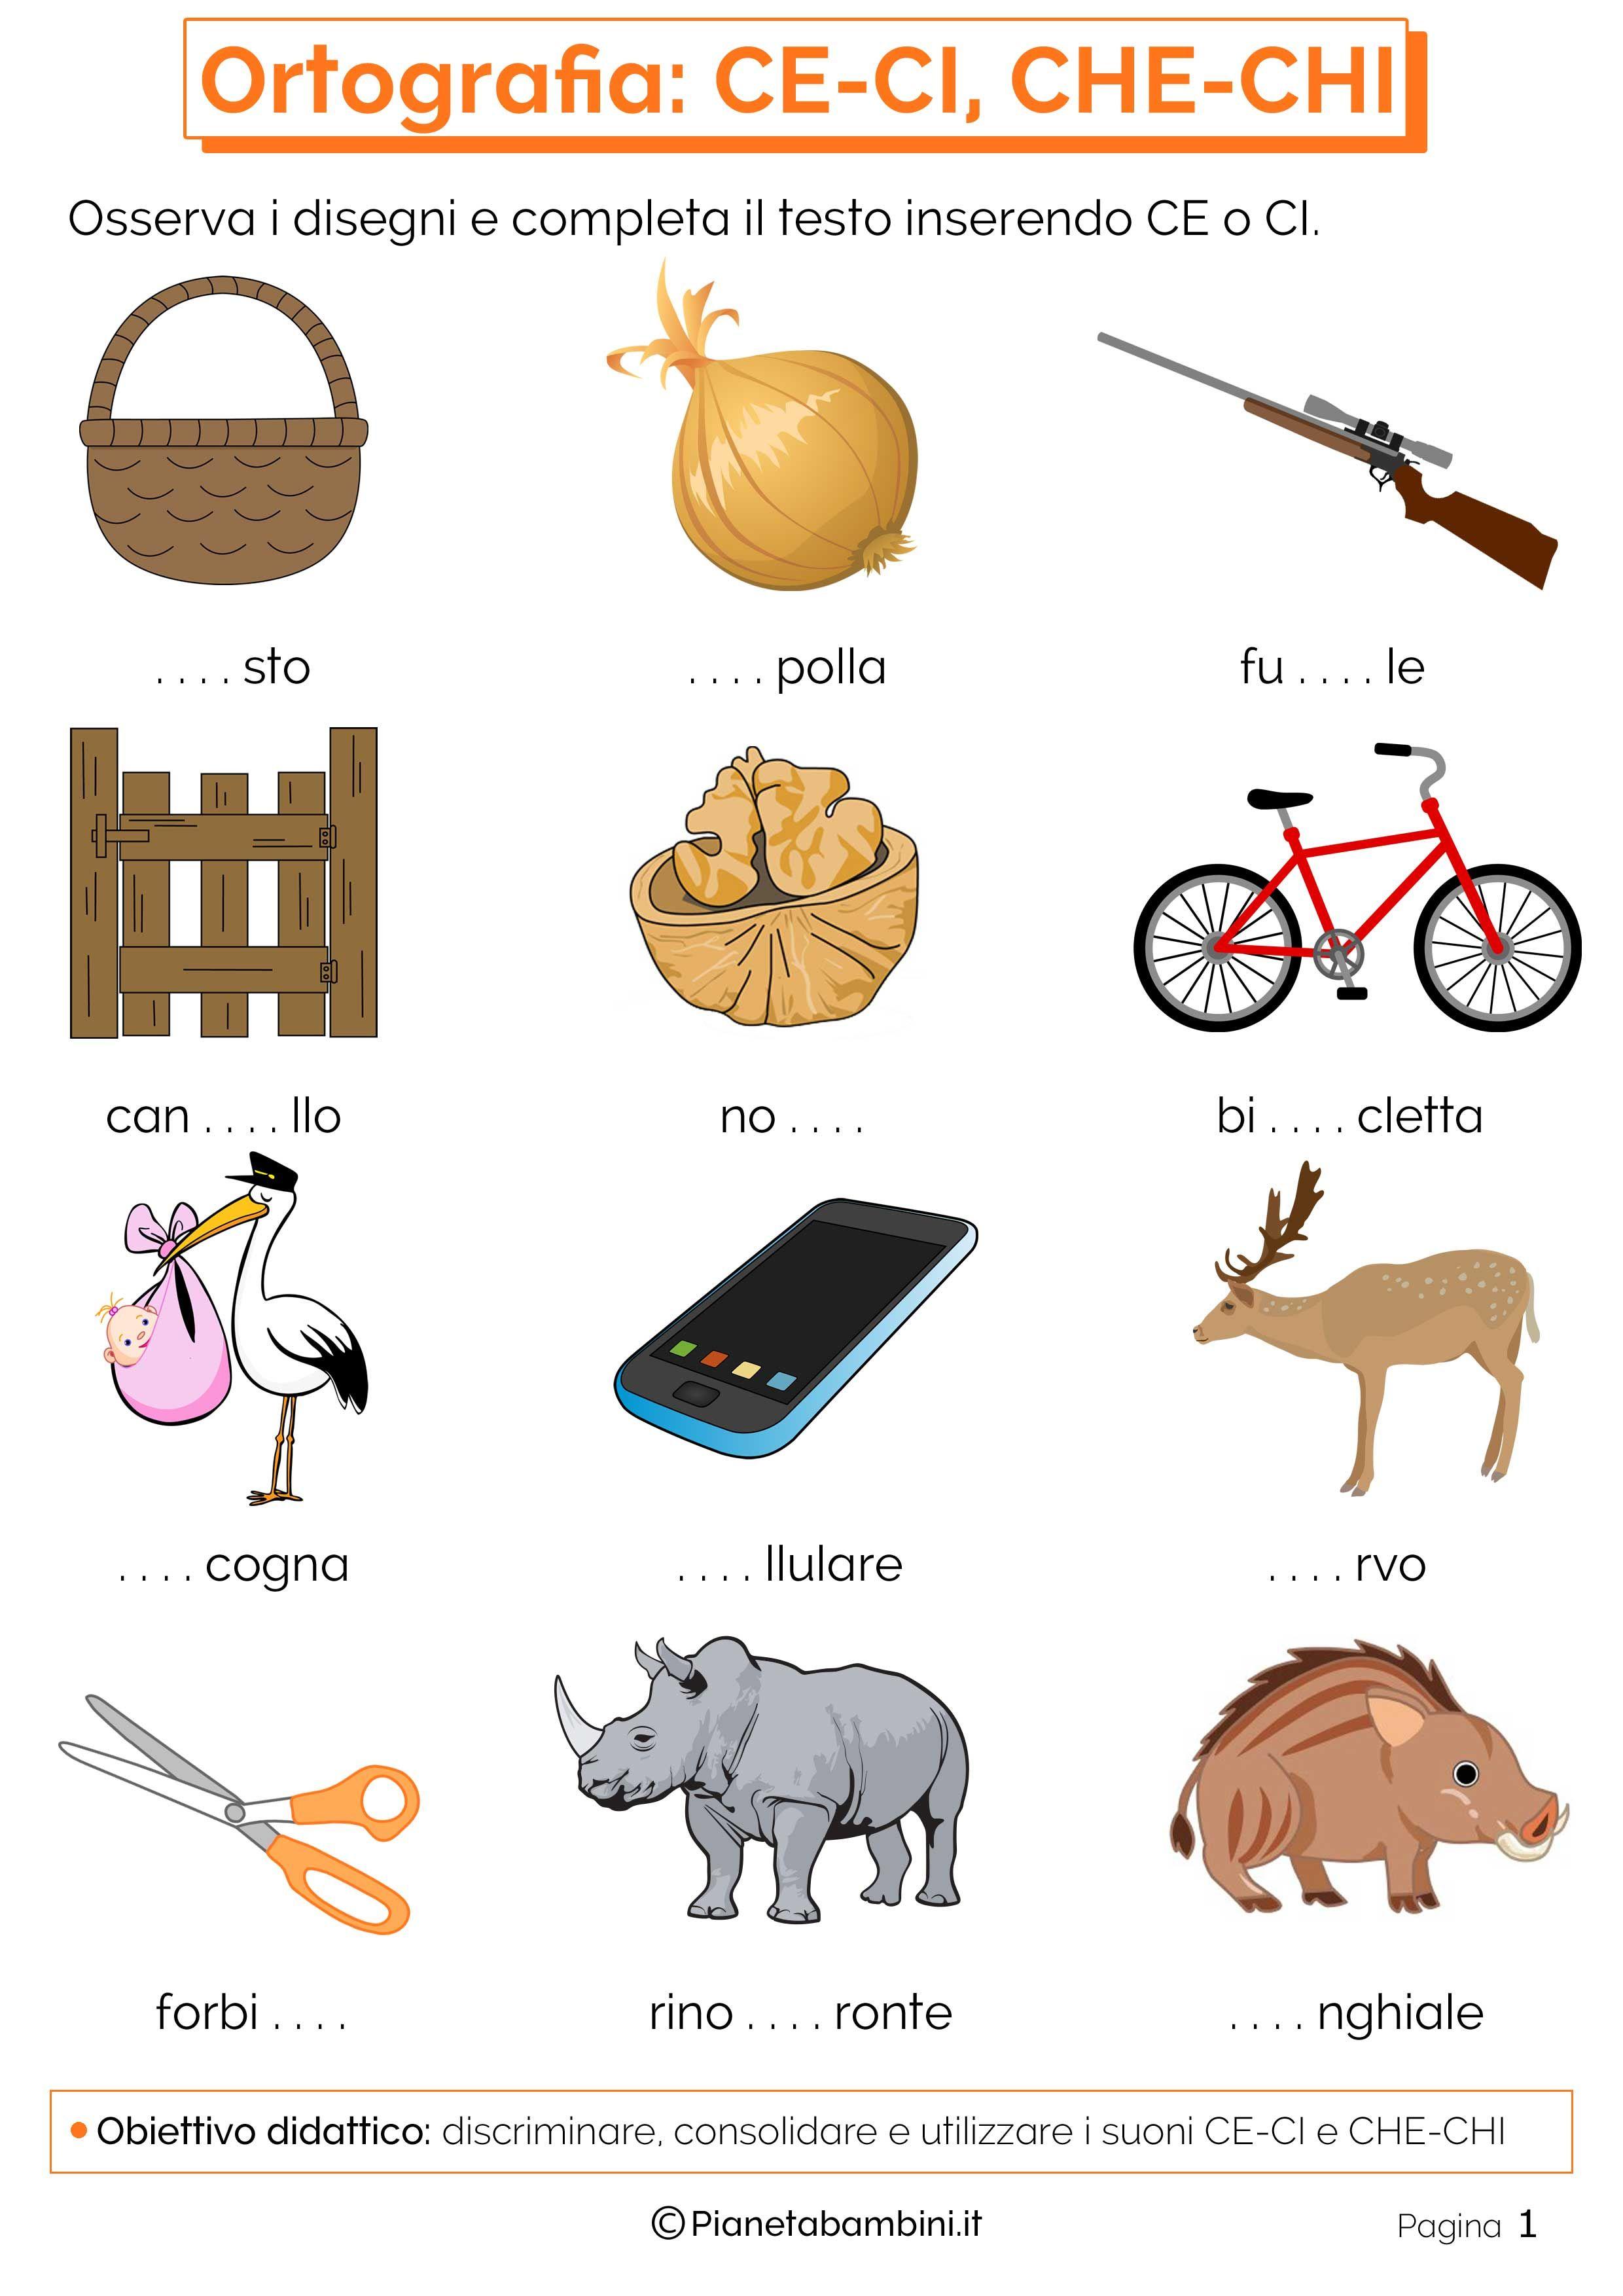 Risultati immagini per schede su ci chi ortografia pinterest searching for Parole con gi